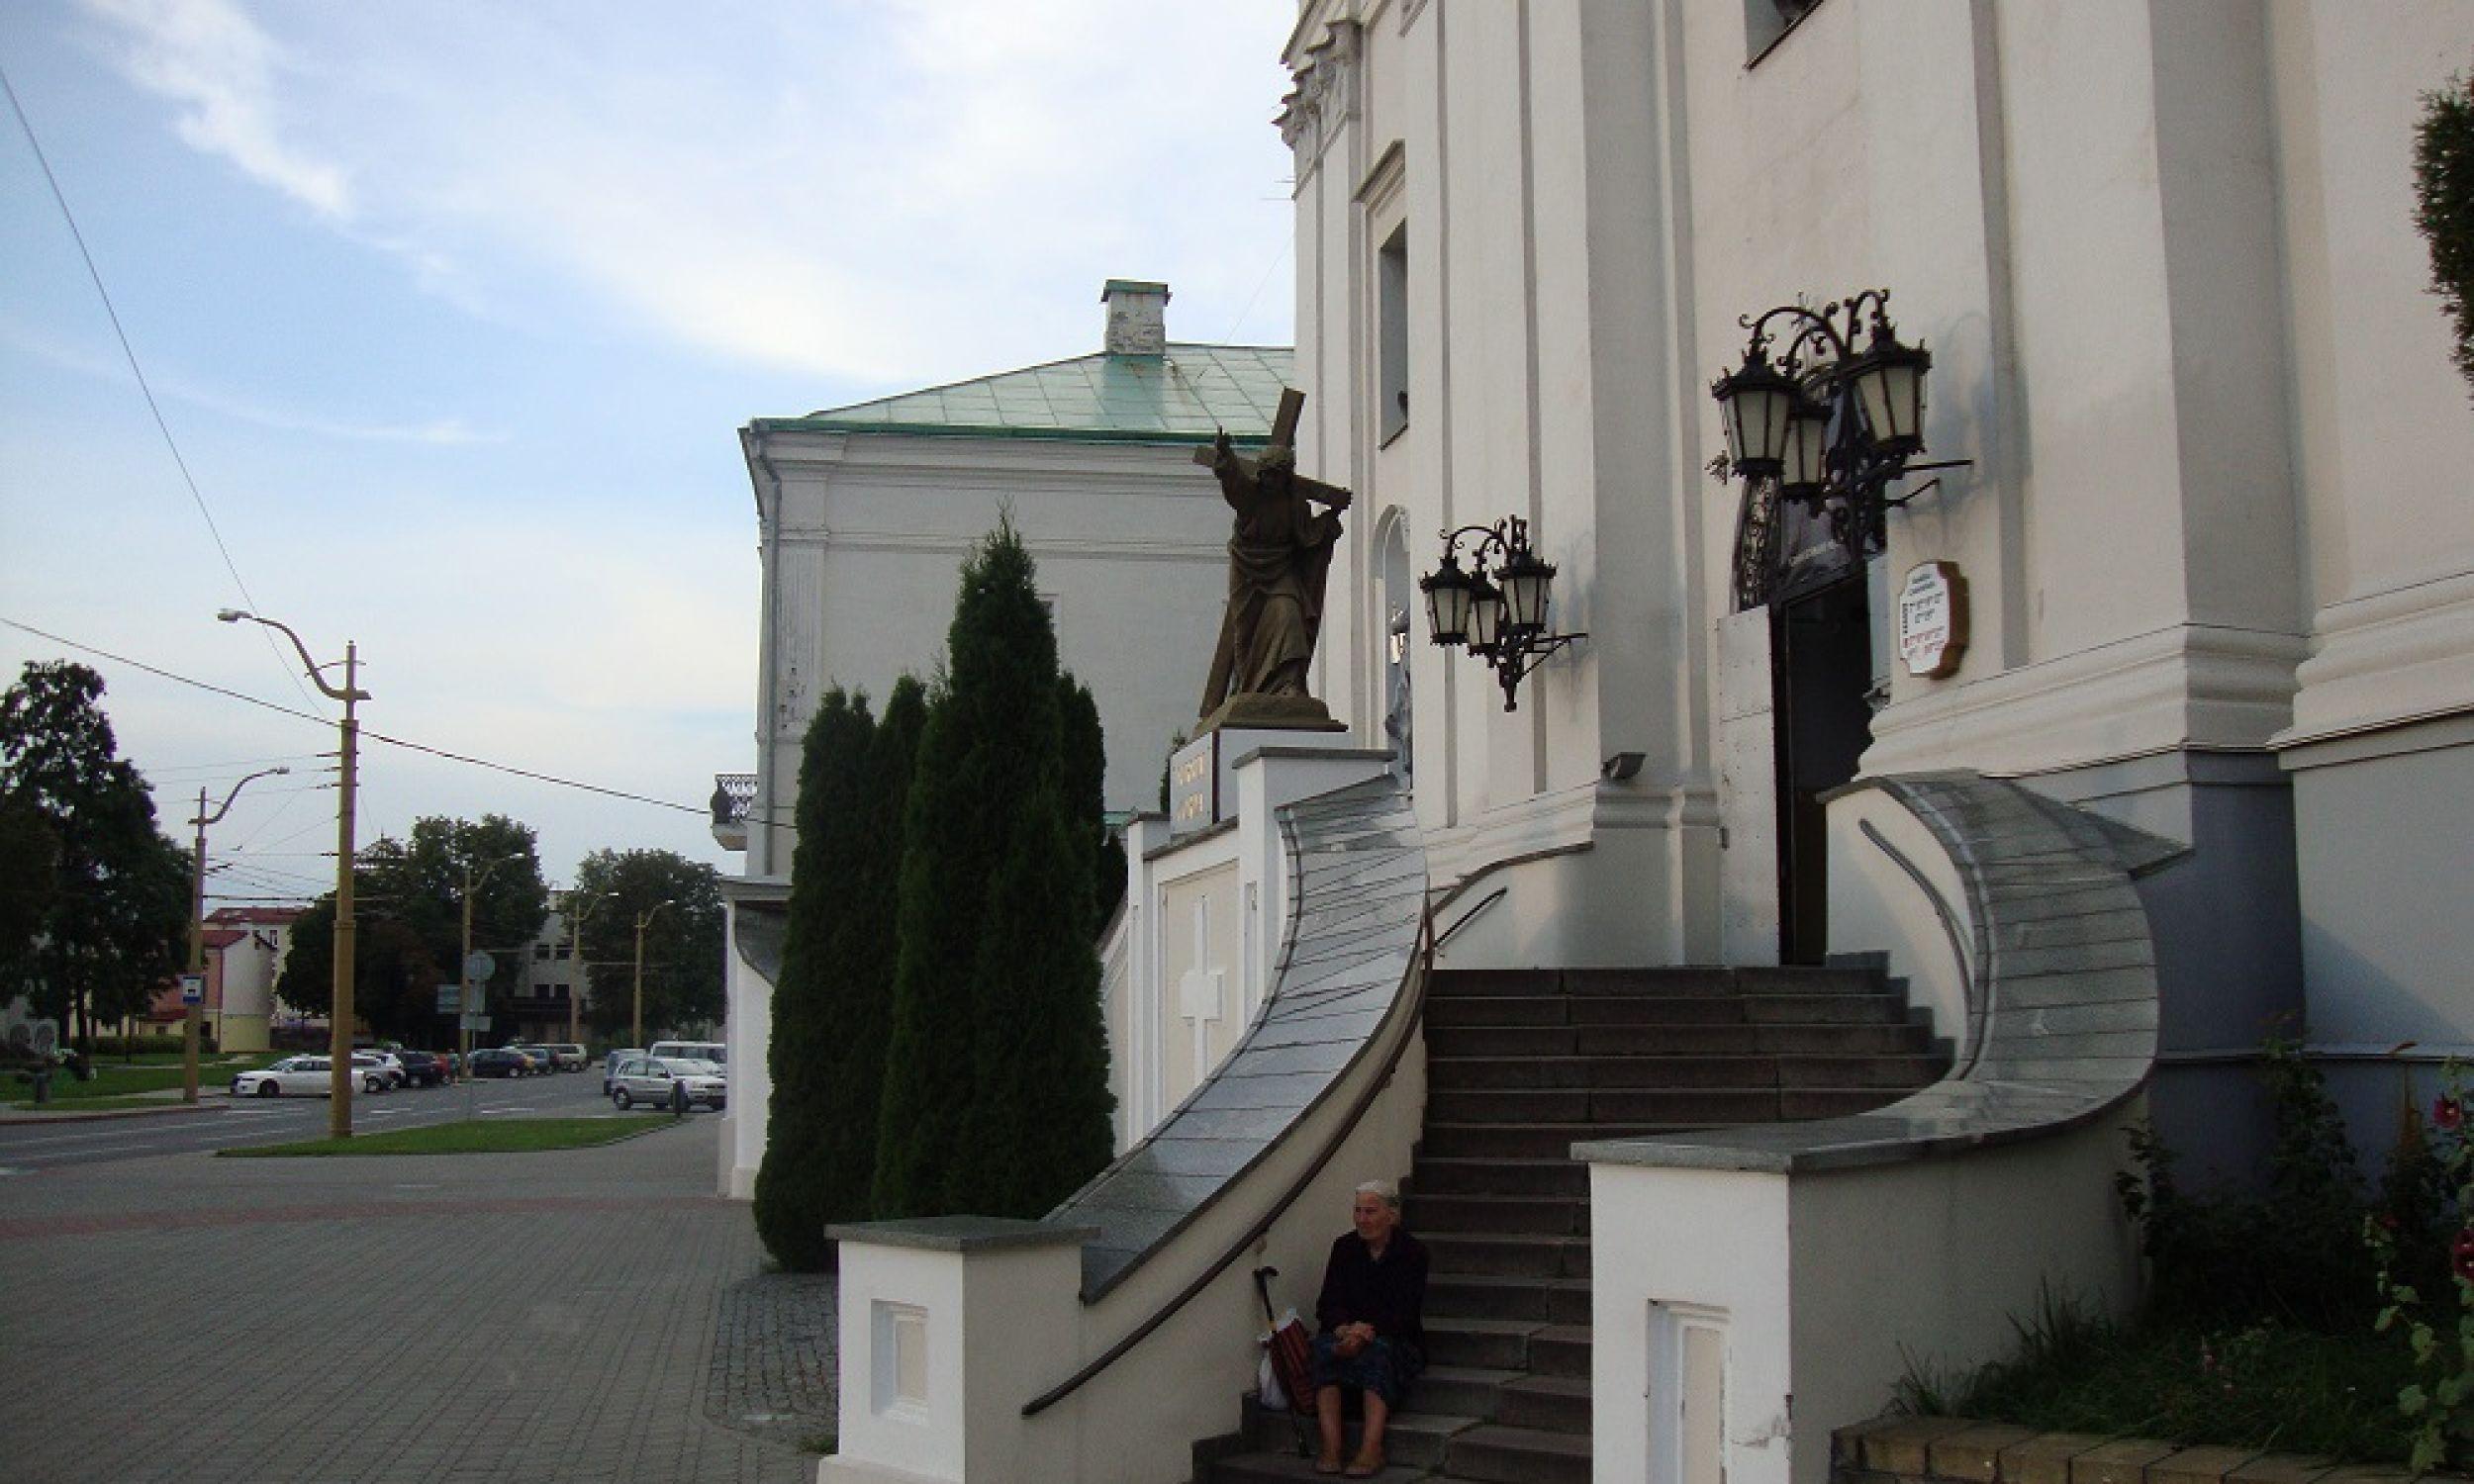 Bazylika katedralna św. Franciszka Ksawerego w Grodnie – pierwotnie kościół jezuitów, od 1782 kościół farny, od 1991 katedra diecezji grodzieńskiej. Fot. Beata Zubowicz